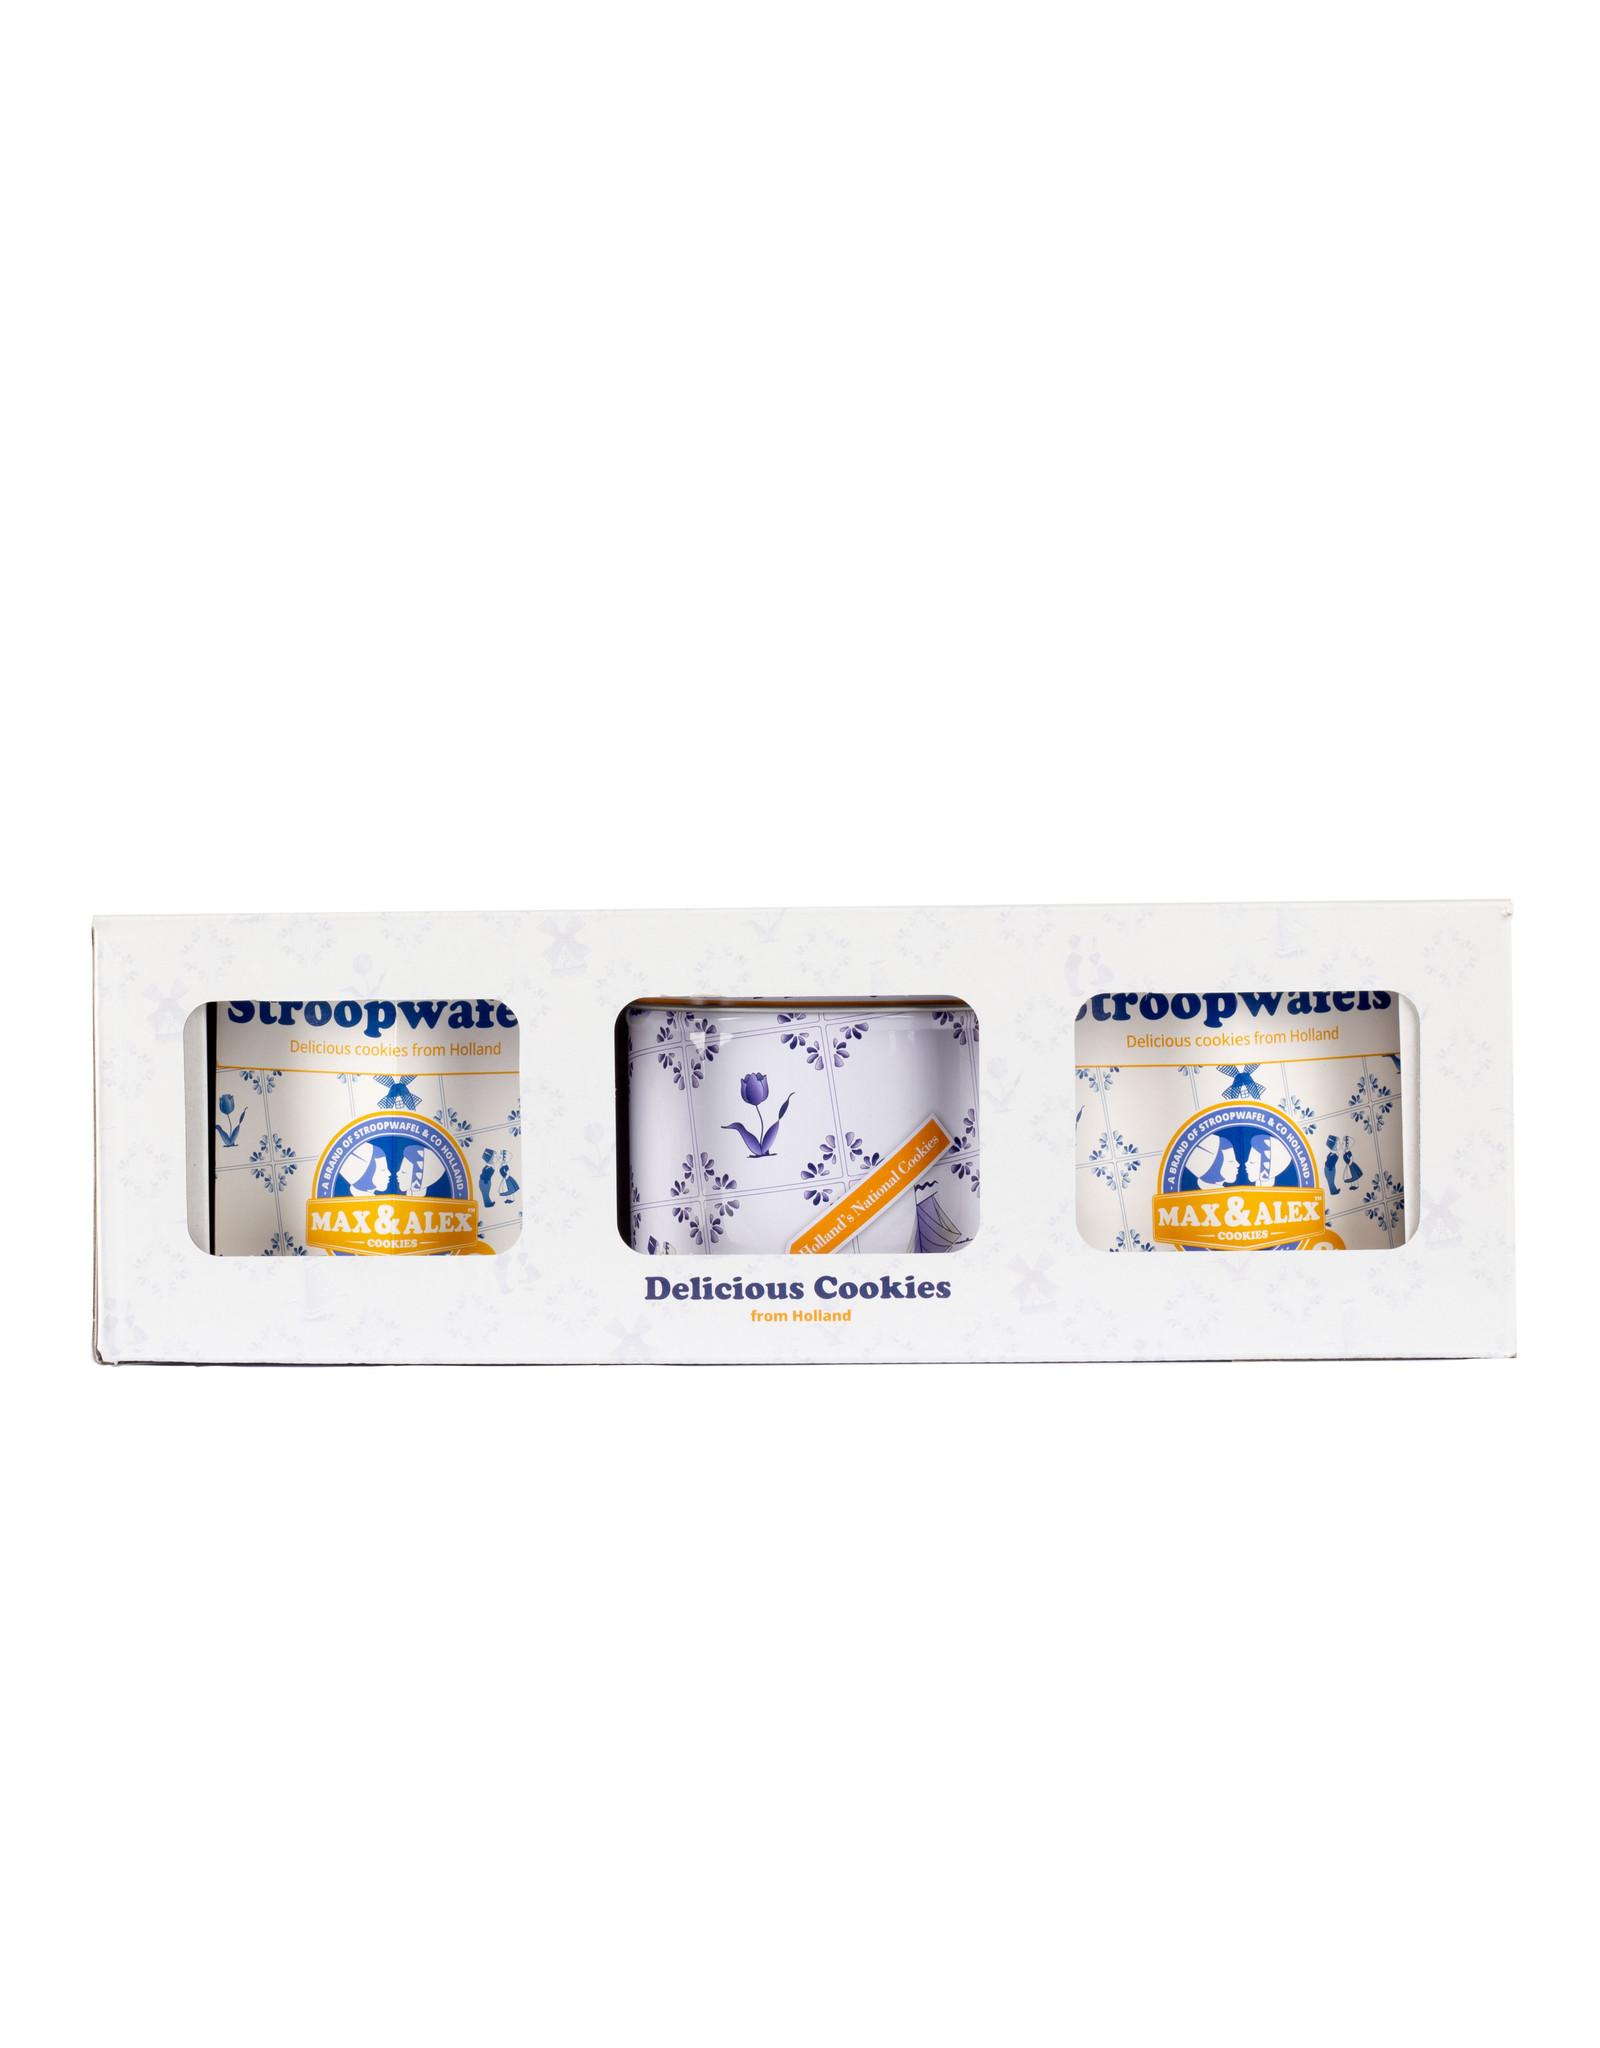 Max & Alex Max & Alex Stroopwafels in Deluxe Geschenkset (2x hexa + 1x blik) in doos